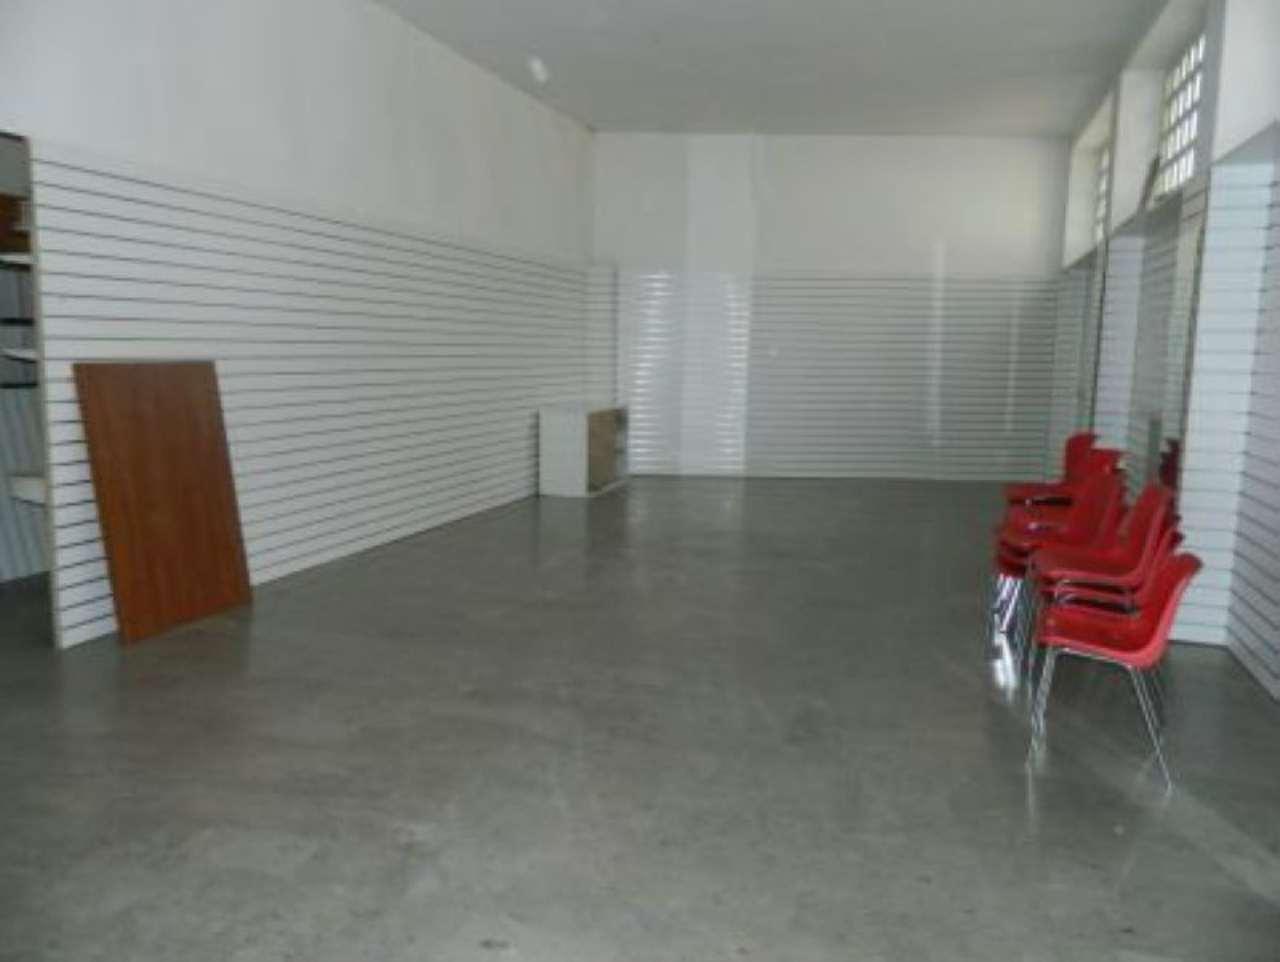 Negozio / Locale in affitto a Sondrio, 1 locali, prezzo € 1.000 | Cambio Casa.it